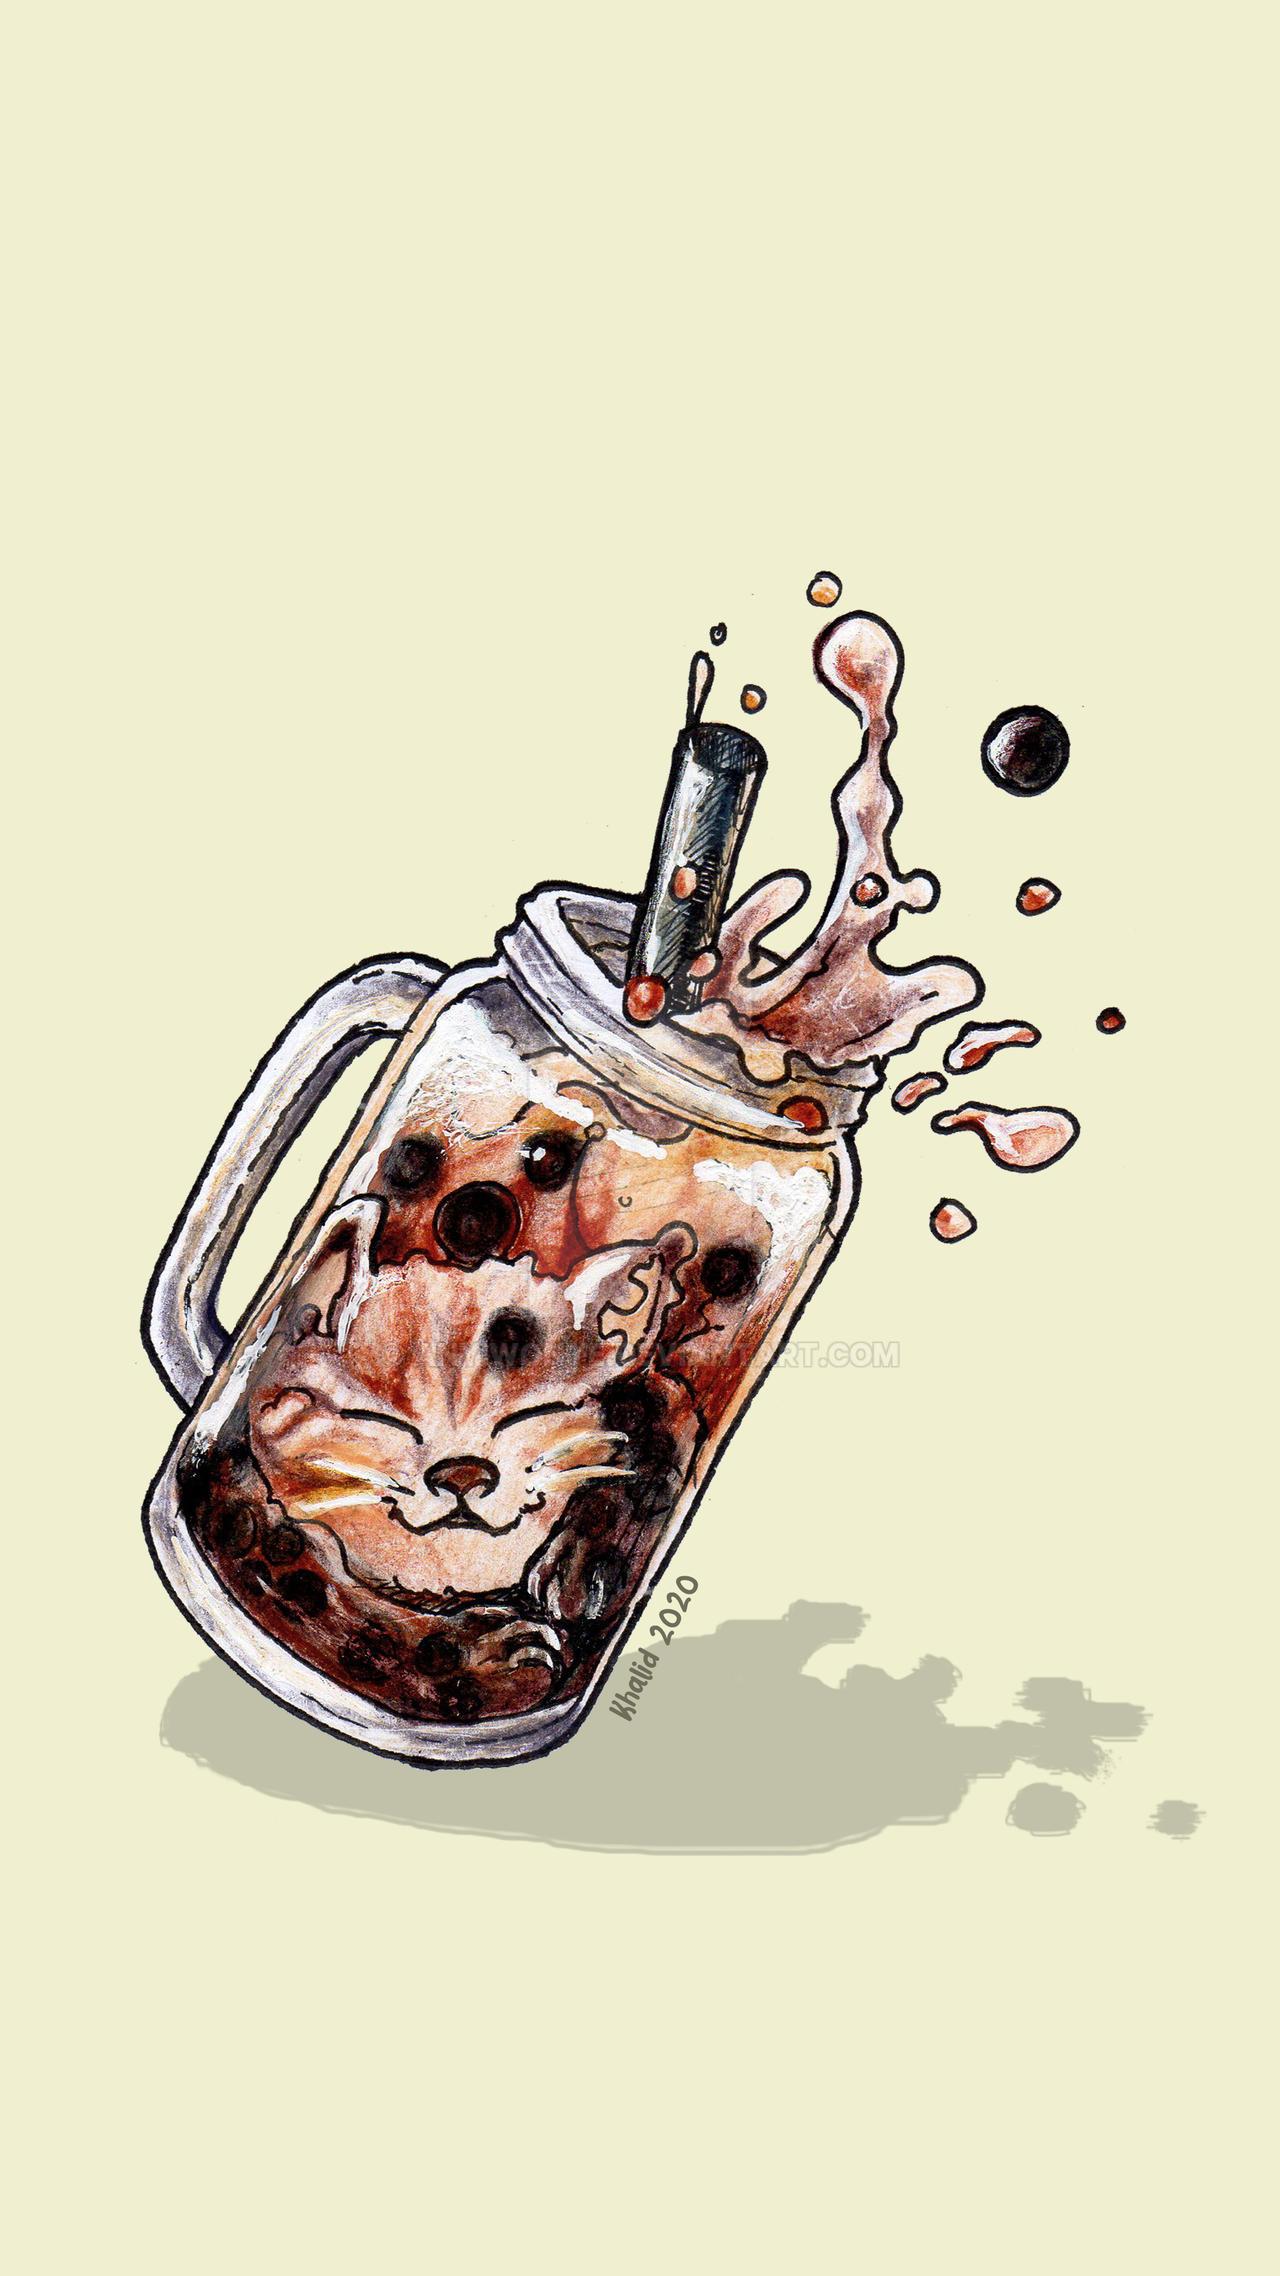 Boba Cat Wallpaper by anyiwonye 1280x2276